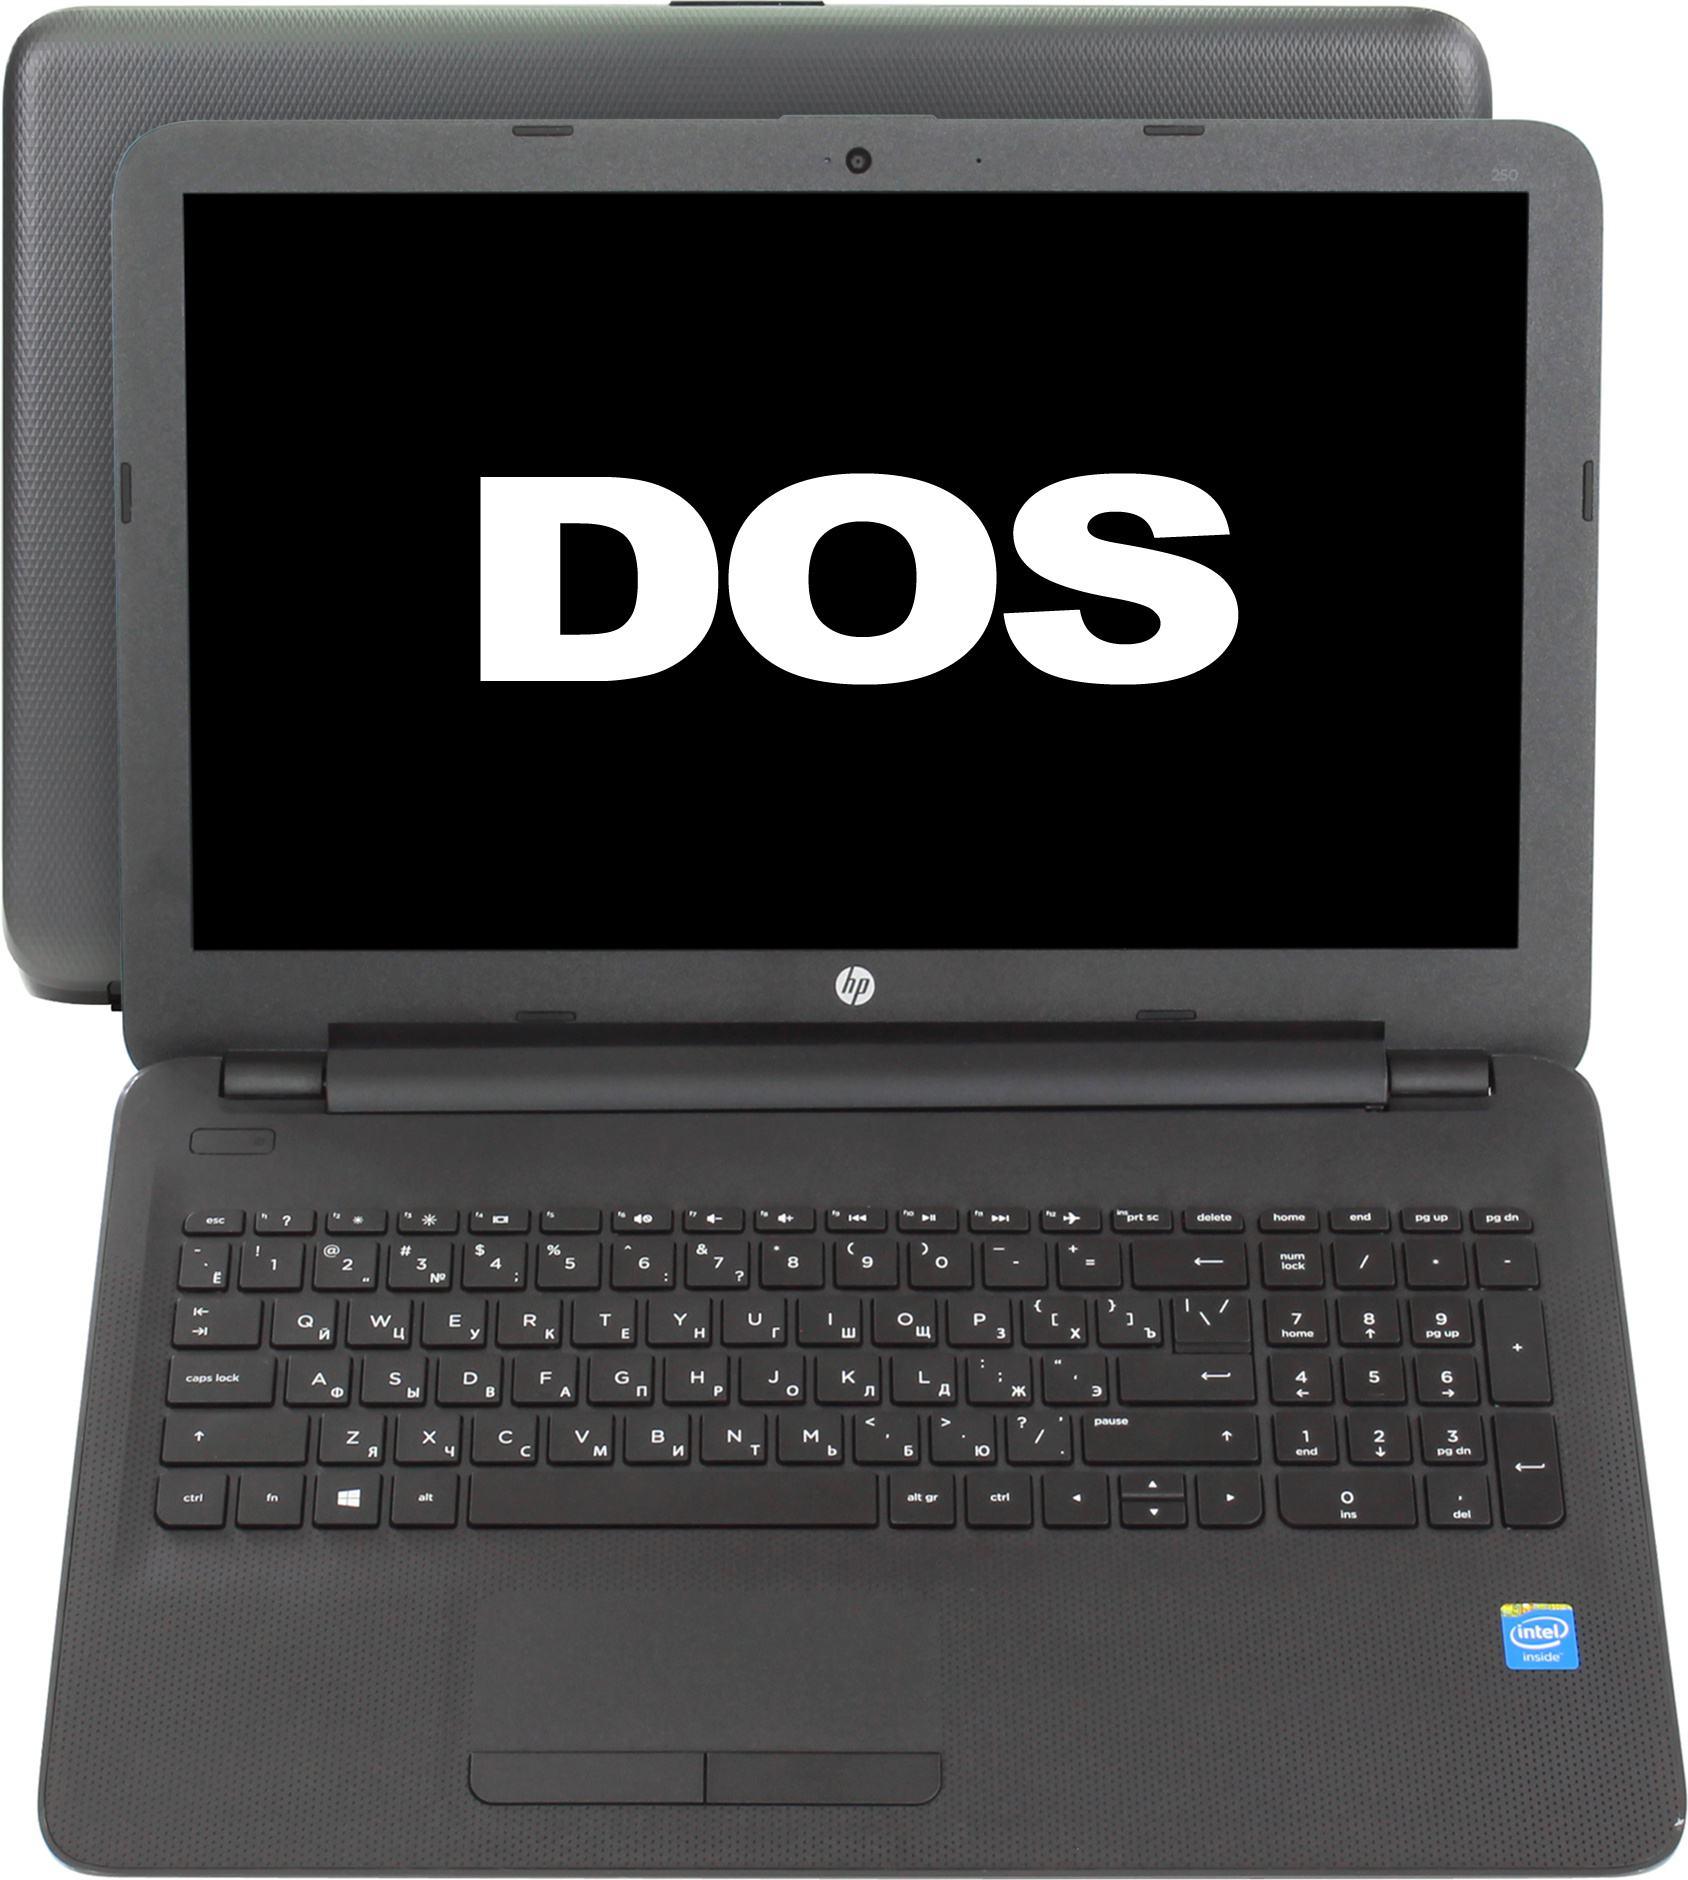 Ноутбук hp 250 g4, &&92&&, черный, m9s70ea, intel celeron / 2 гб.